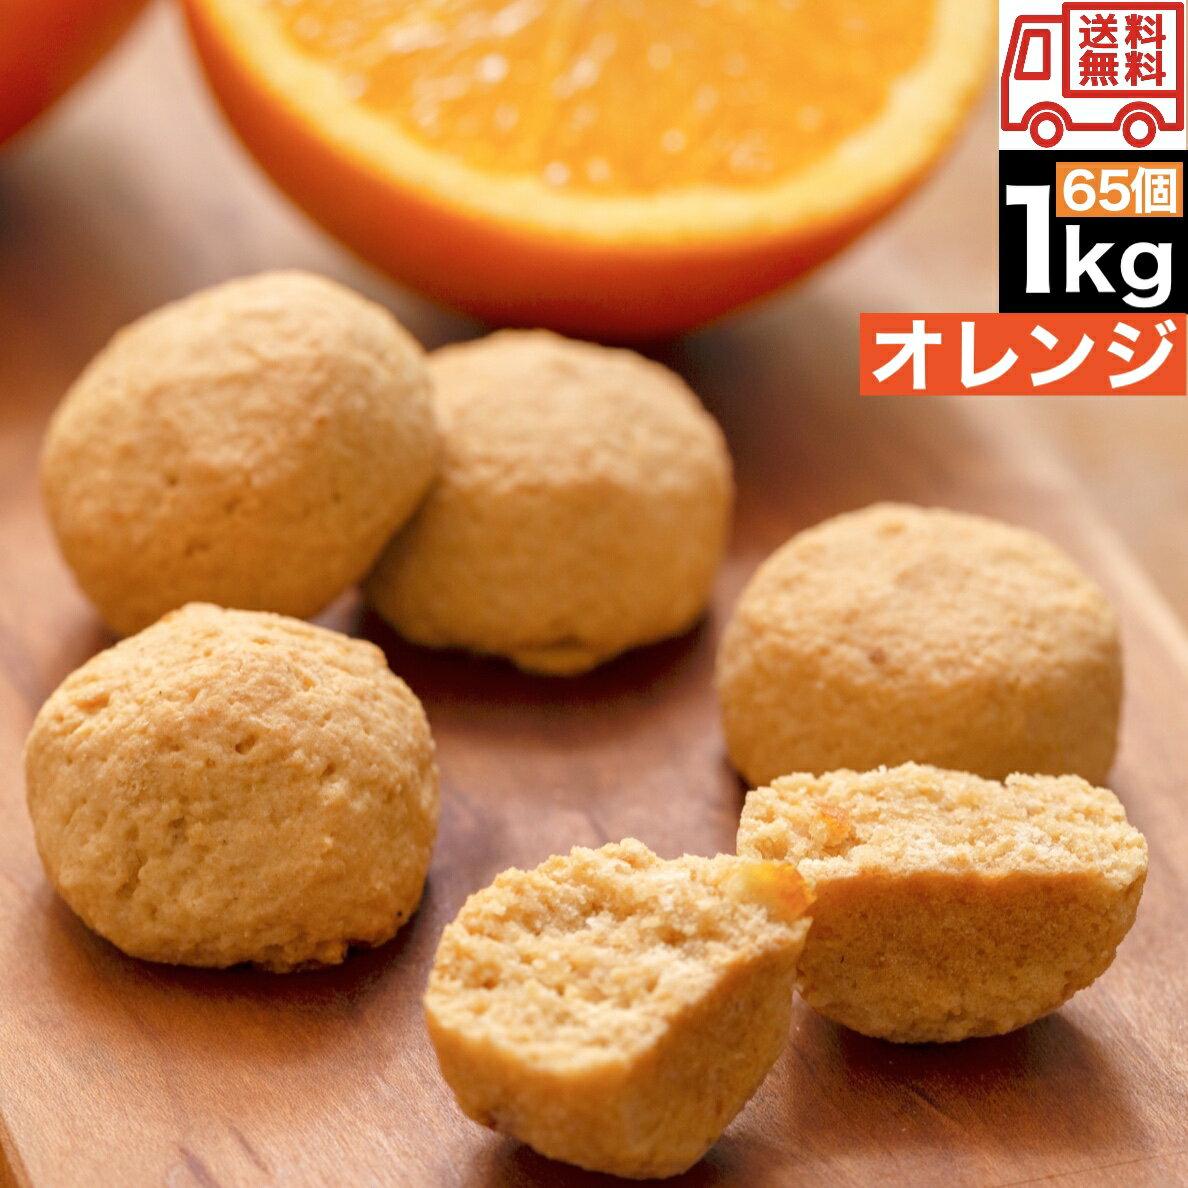 オレンジ豆乳おからクッキー1kg訳あり送料無料ダイエットお菓子プロテインチョコ女性ダイエットレシピ個